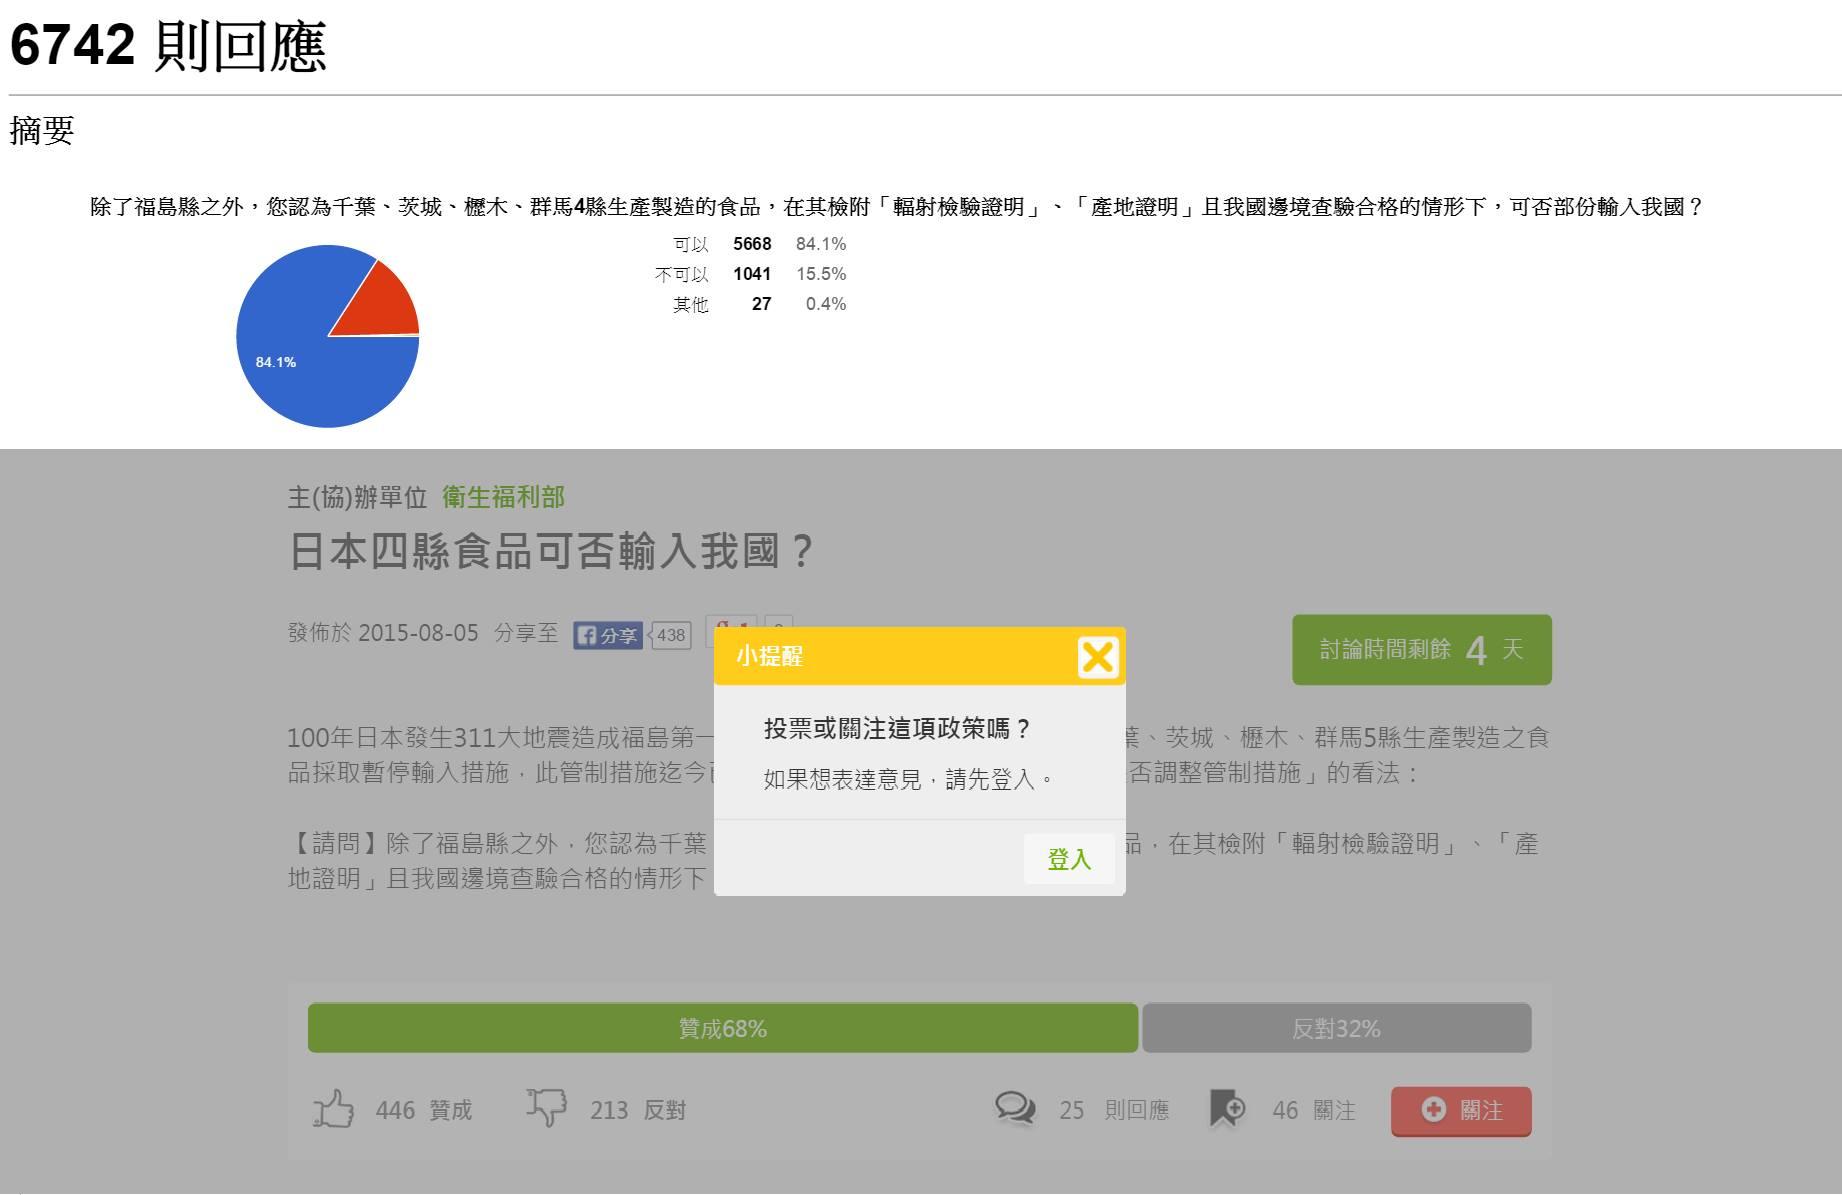 衛福部投票可分為兩種,上方為不須登入的google表單,目前已有近「7千人」投票,超過8成支持解禁,但可重複登記;下方為須登入的投票系統,約600人投票,亦有6成支持解禁。但都只有「可/不可/其他」一題供選擇。(截至投票網站)